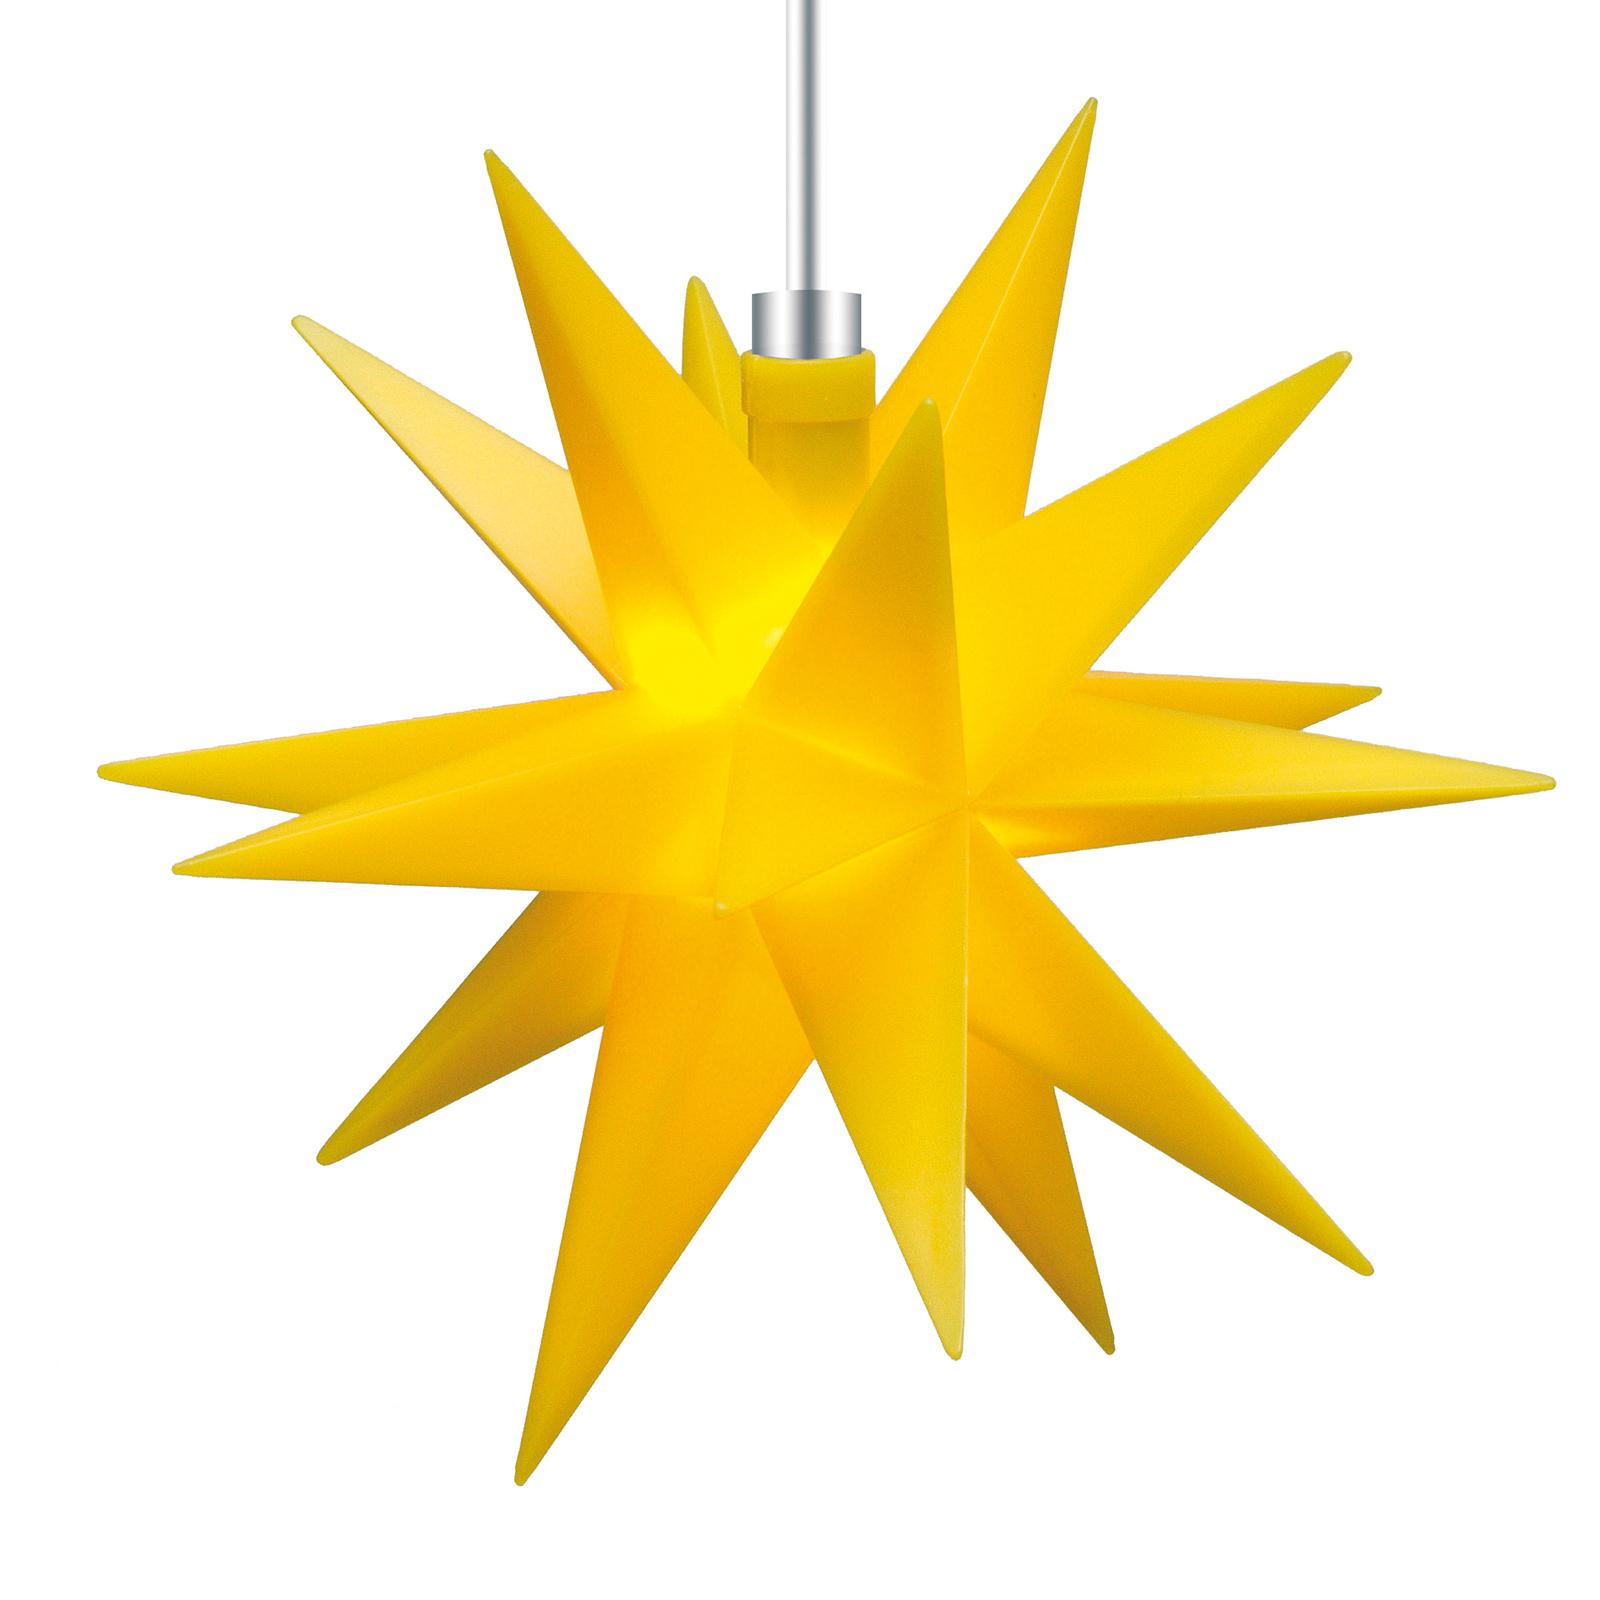 Dekoracja wewnętrzna - 18-ramienna gwiazda Ø 12 cm